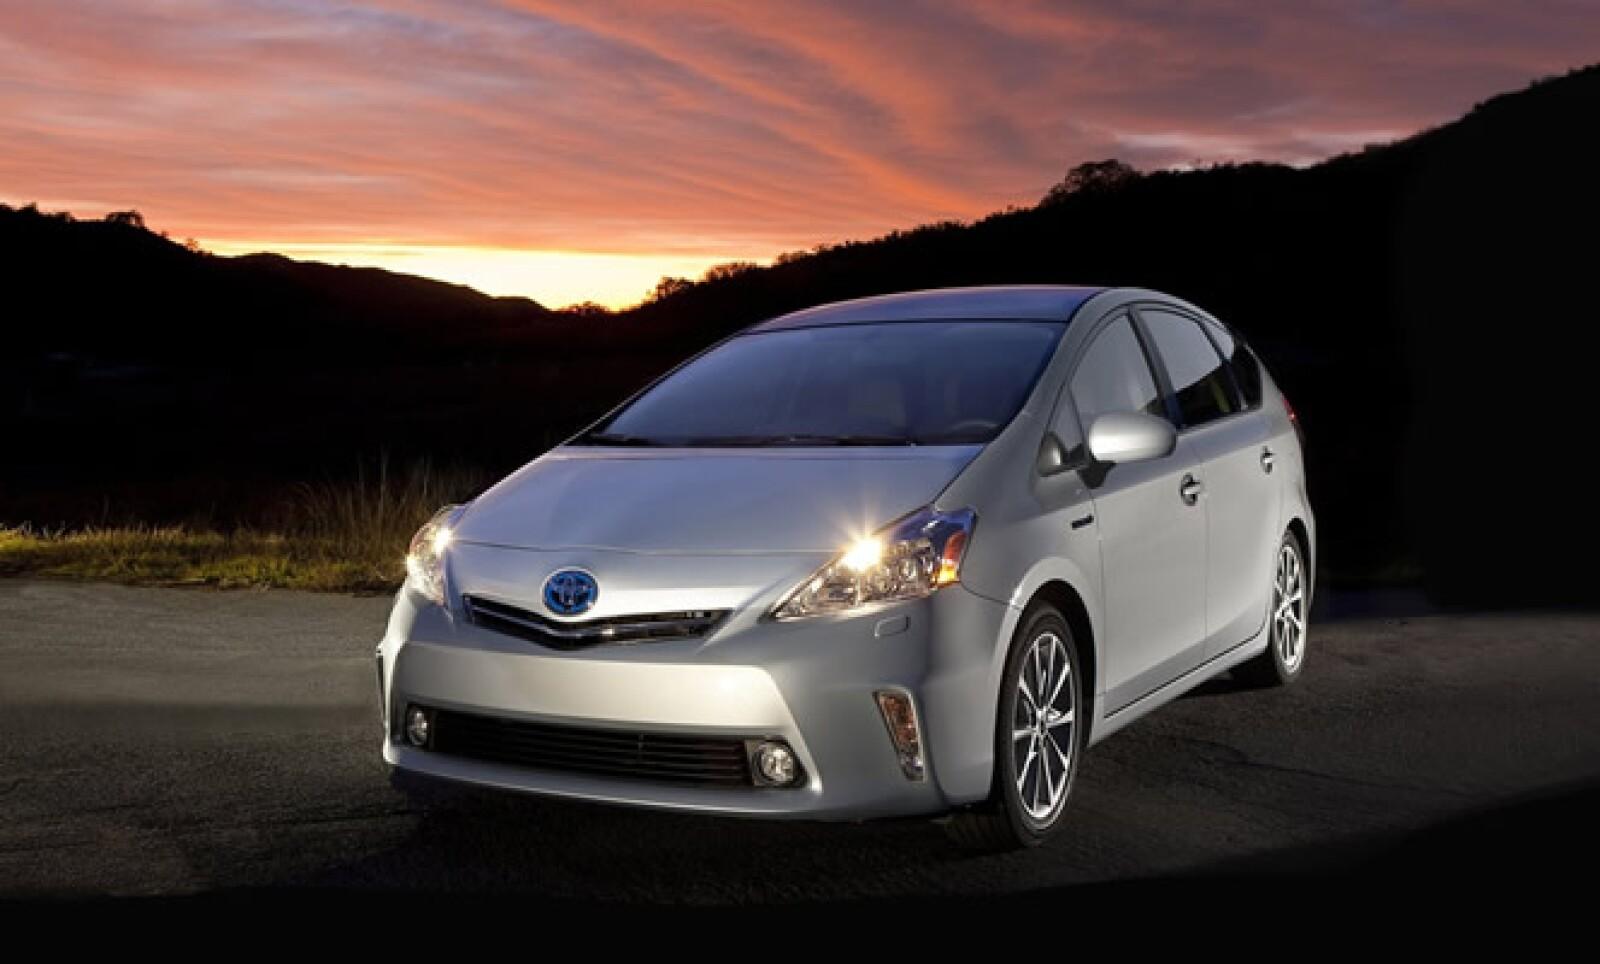 El segundo 'concept' de la marca japonesa introduce una opción más familiar, muy cerca de ser una SUV ecológica. Tiene un peso 40% menor a la actual generación del Prius y estará en destinos selectos de EU a mediados de 2011.